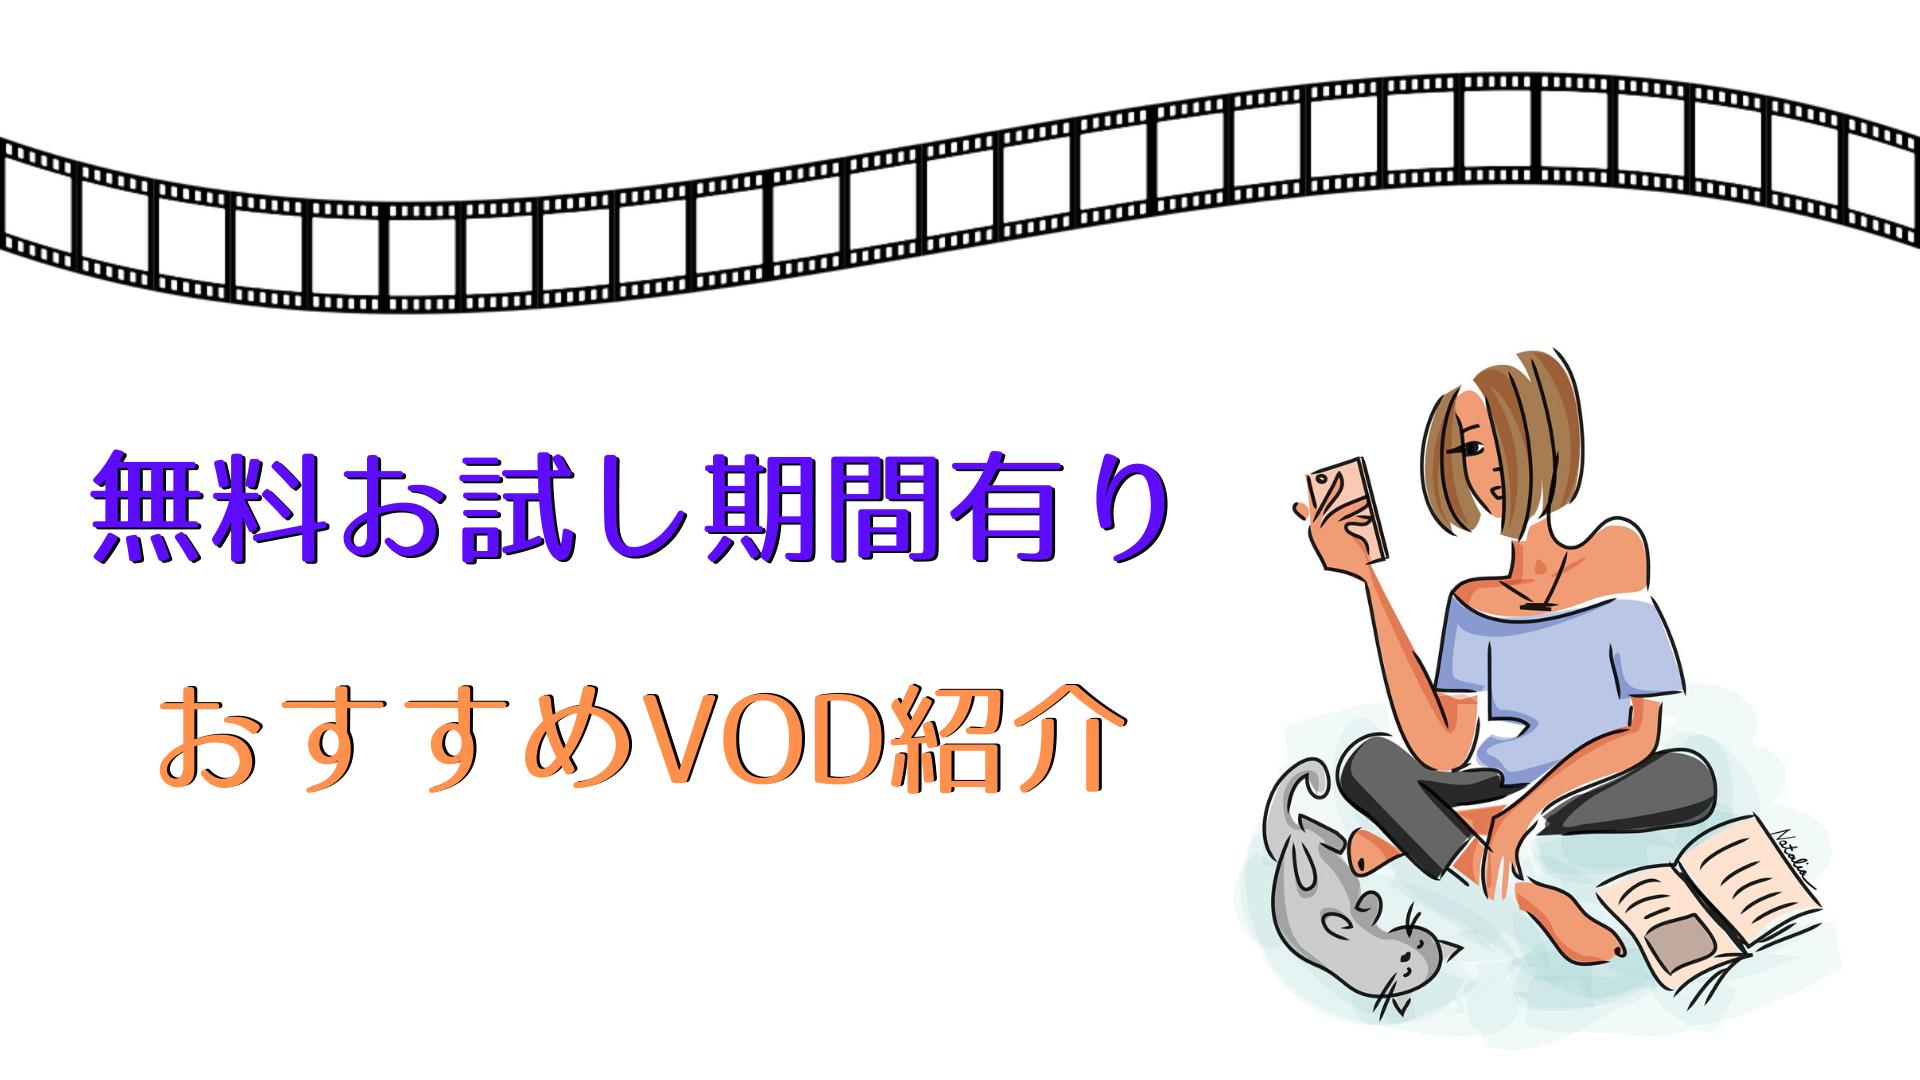 おすすめVOD紹介タイトル